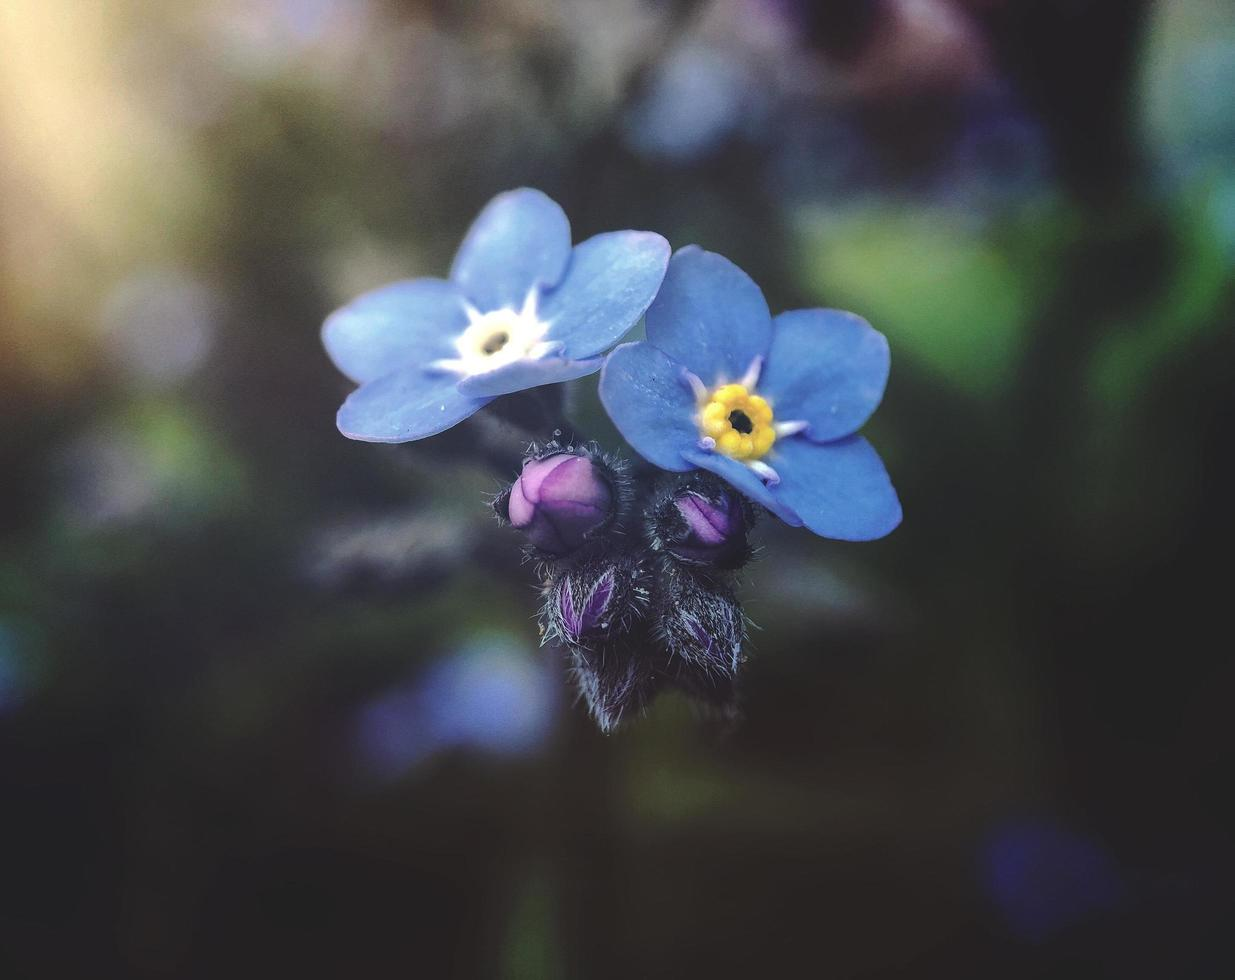 Blue petal flowers lit by sunlight photo